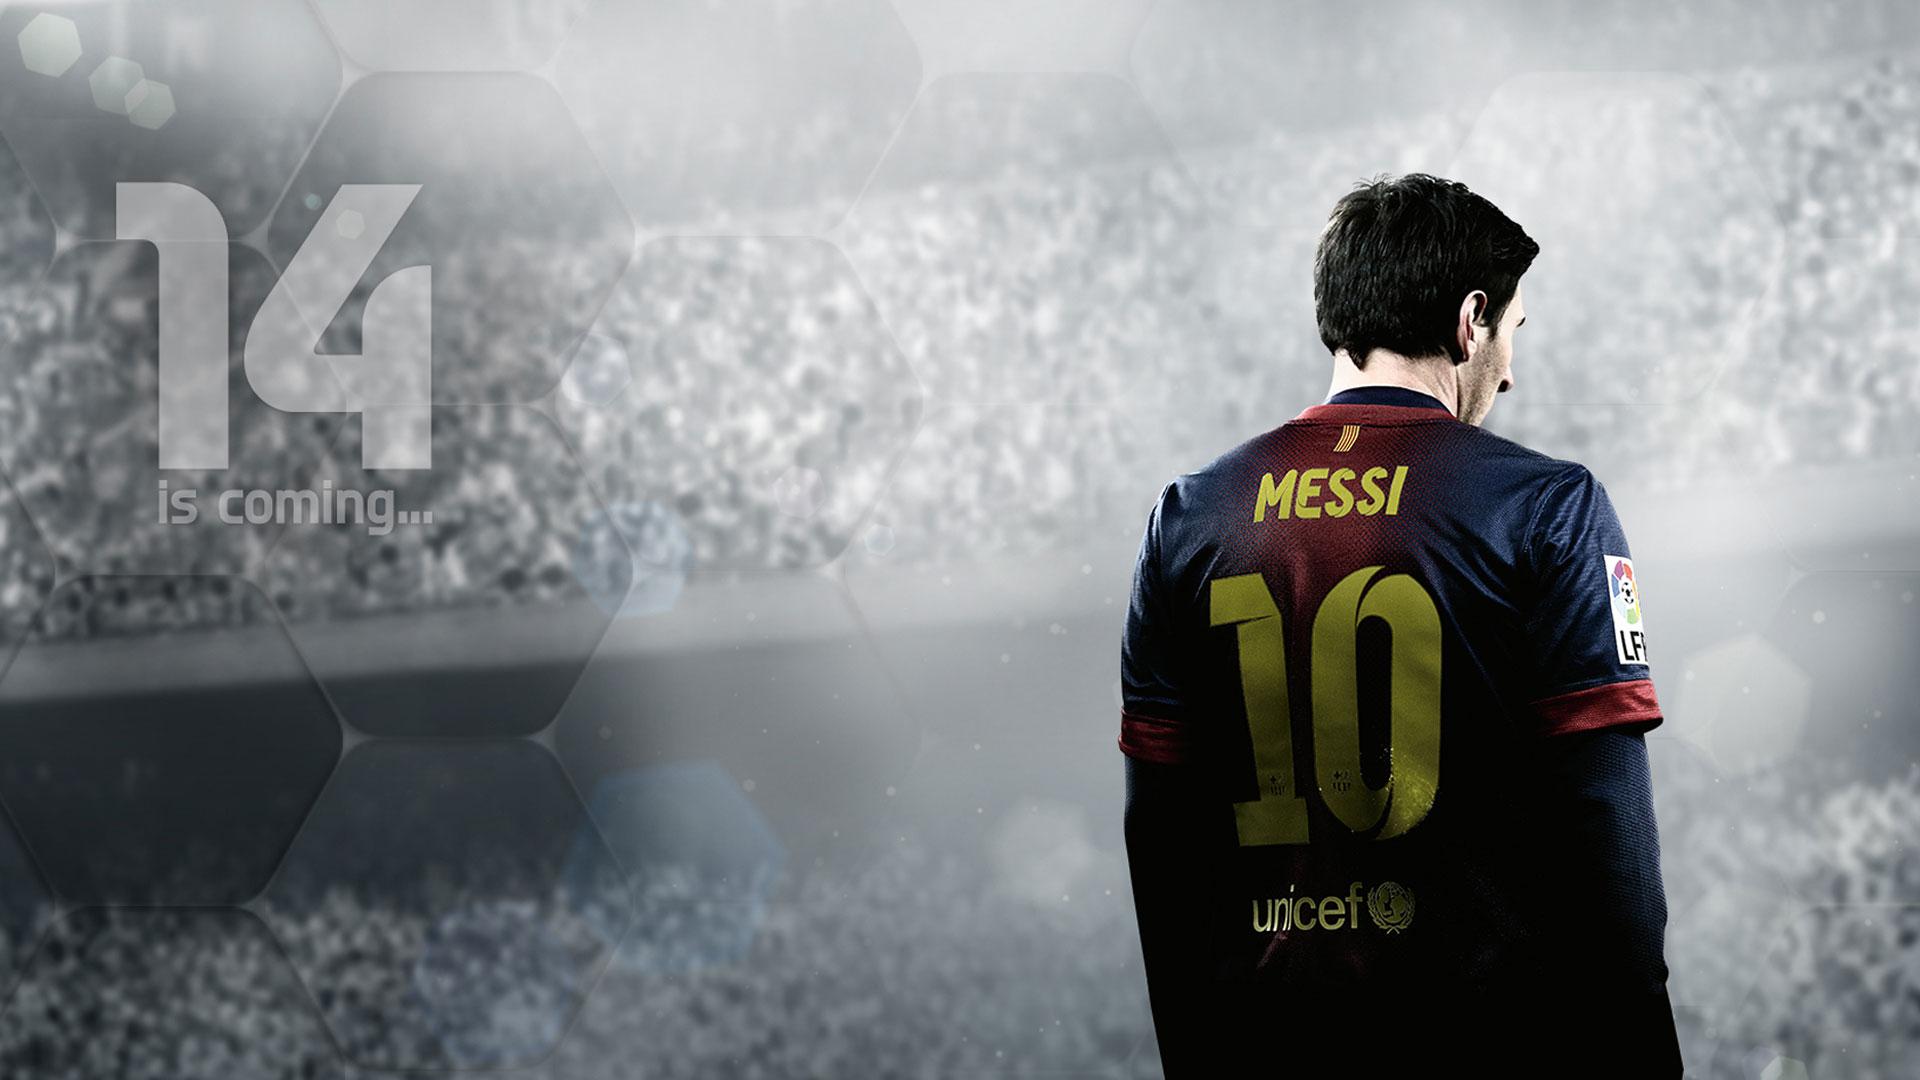 FIFA 14 – 'Messi-ah' of Football